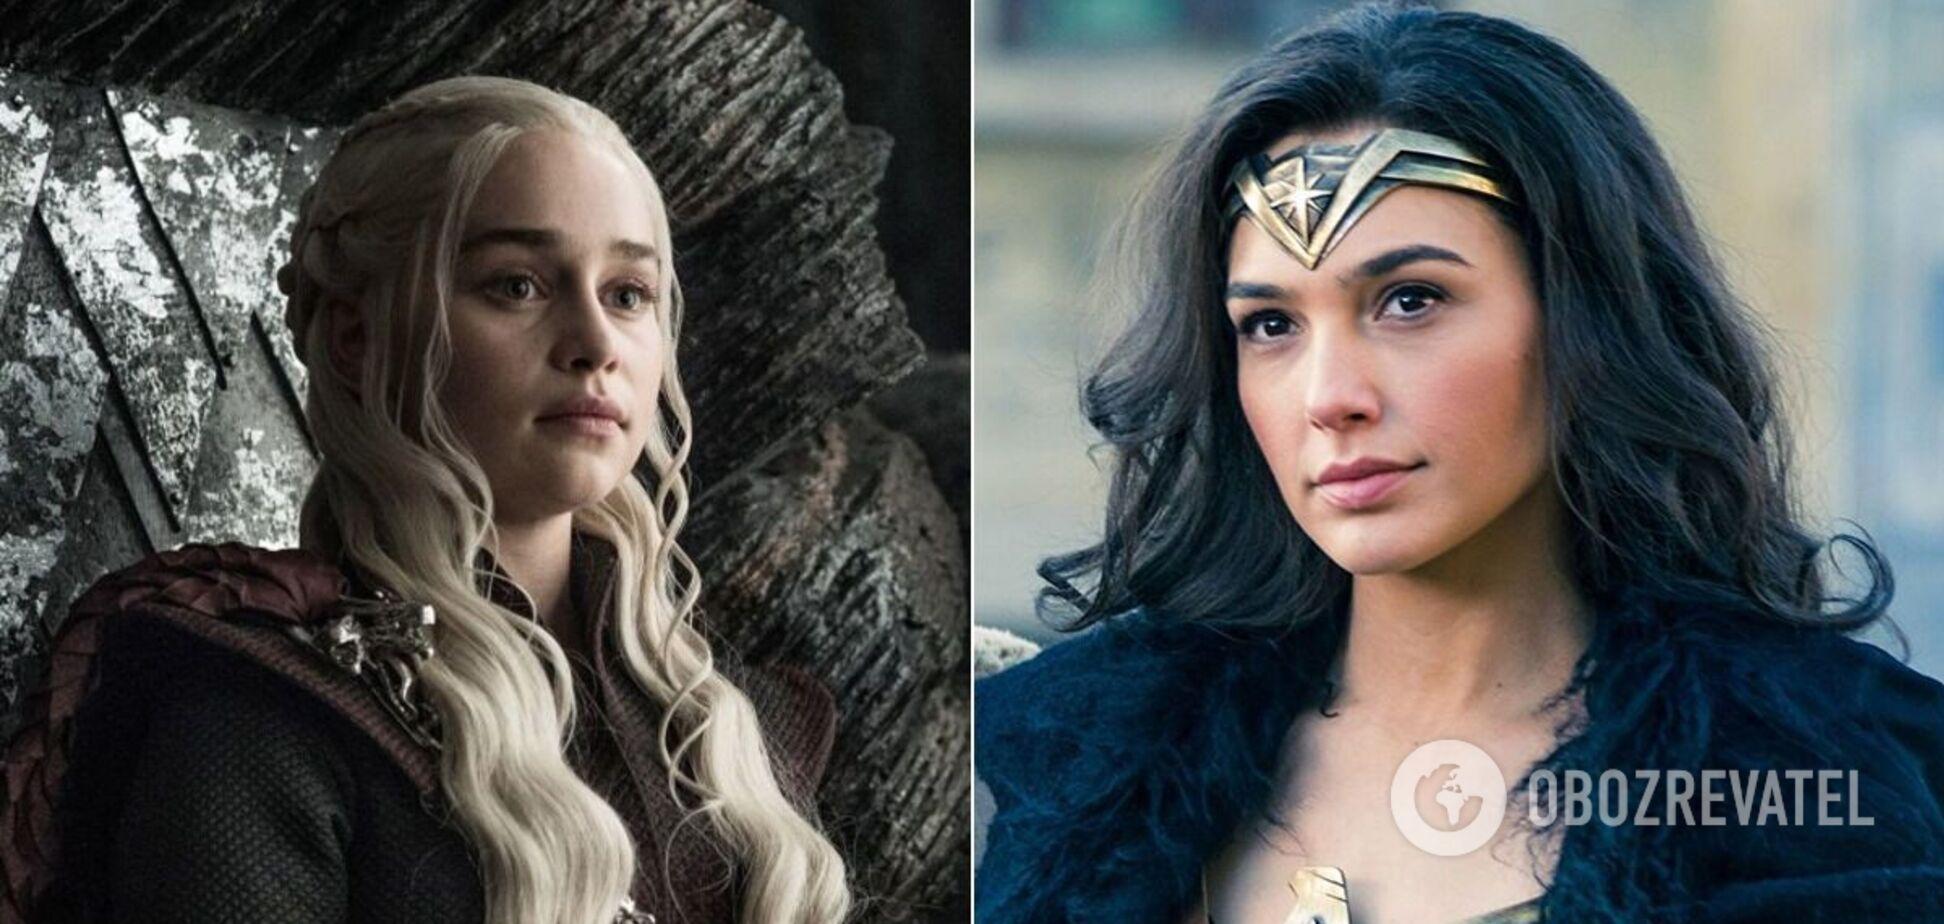 Гучні фільми, які вийдуть у 2021-2022 роках: у мережі з'явився тизер